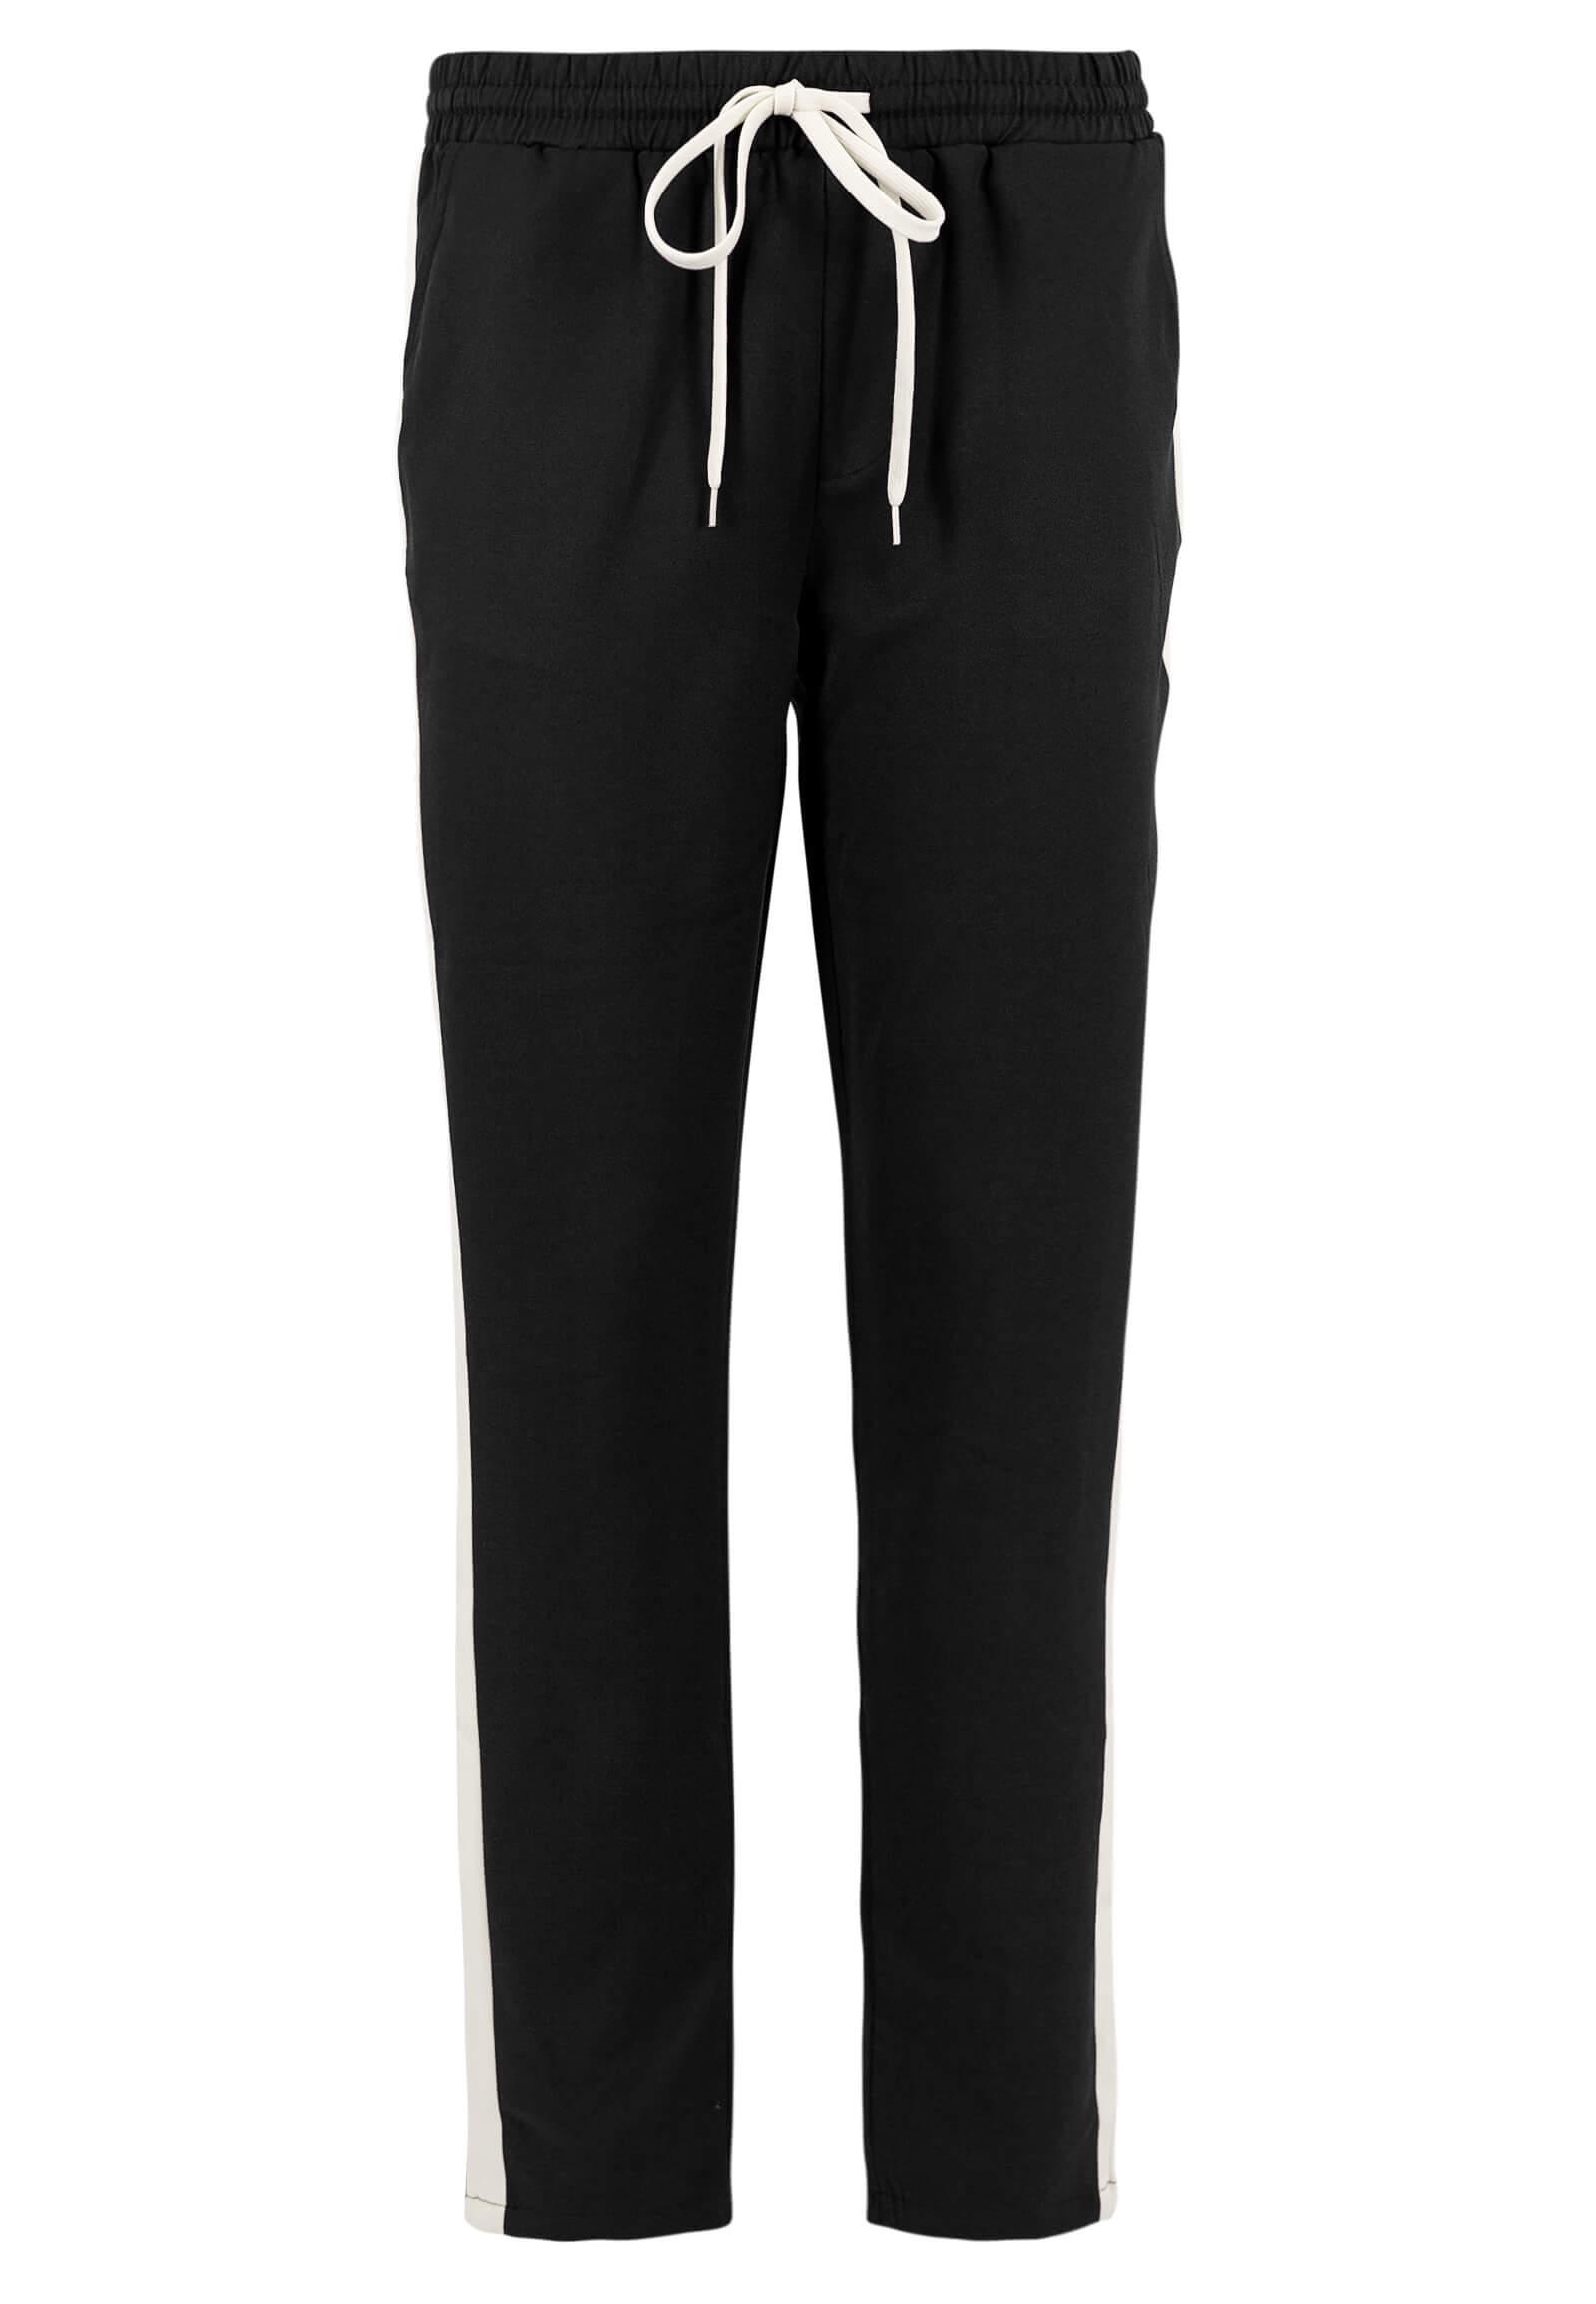 Schwarze Stoff-Hose mit Kontrast-Streifen